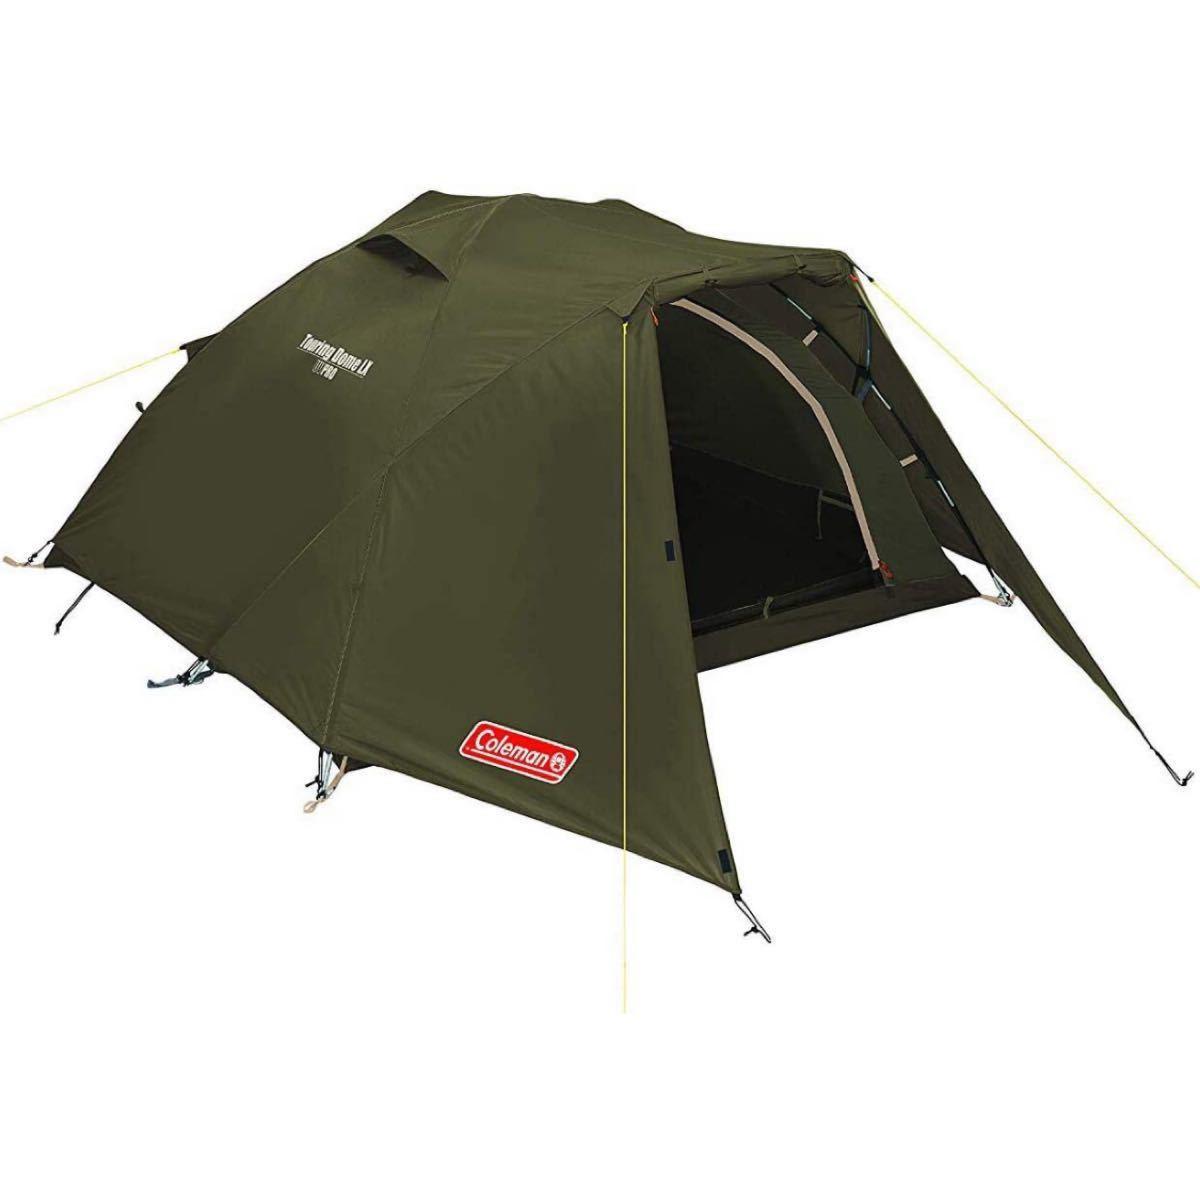 【新品未使用】コールマン(Coleman) テント ツーリングドーム LX  Amazon限定 オリーブ